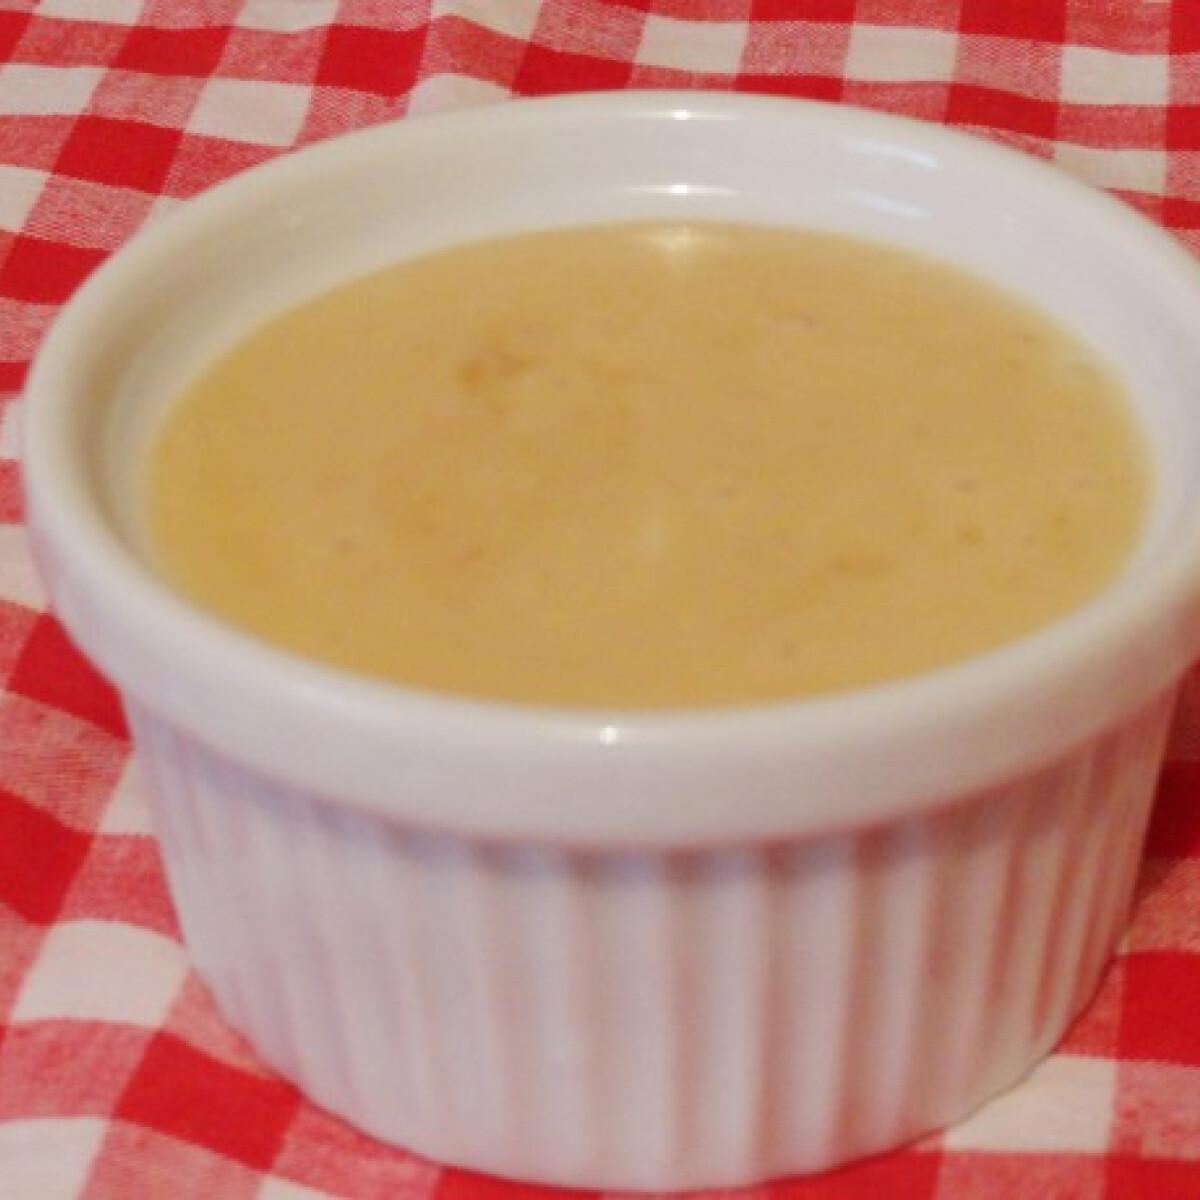 Ezen a képen: Mézes-mustáros salátaöntet Glaser konyhájából